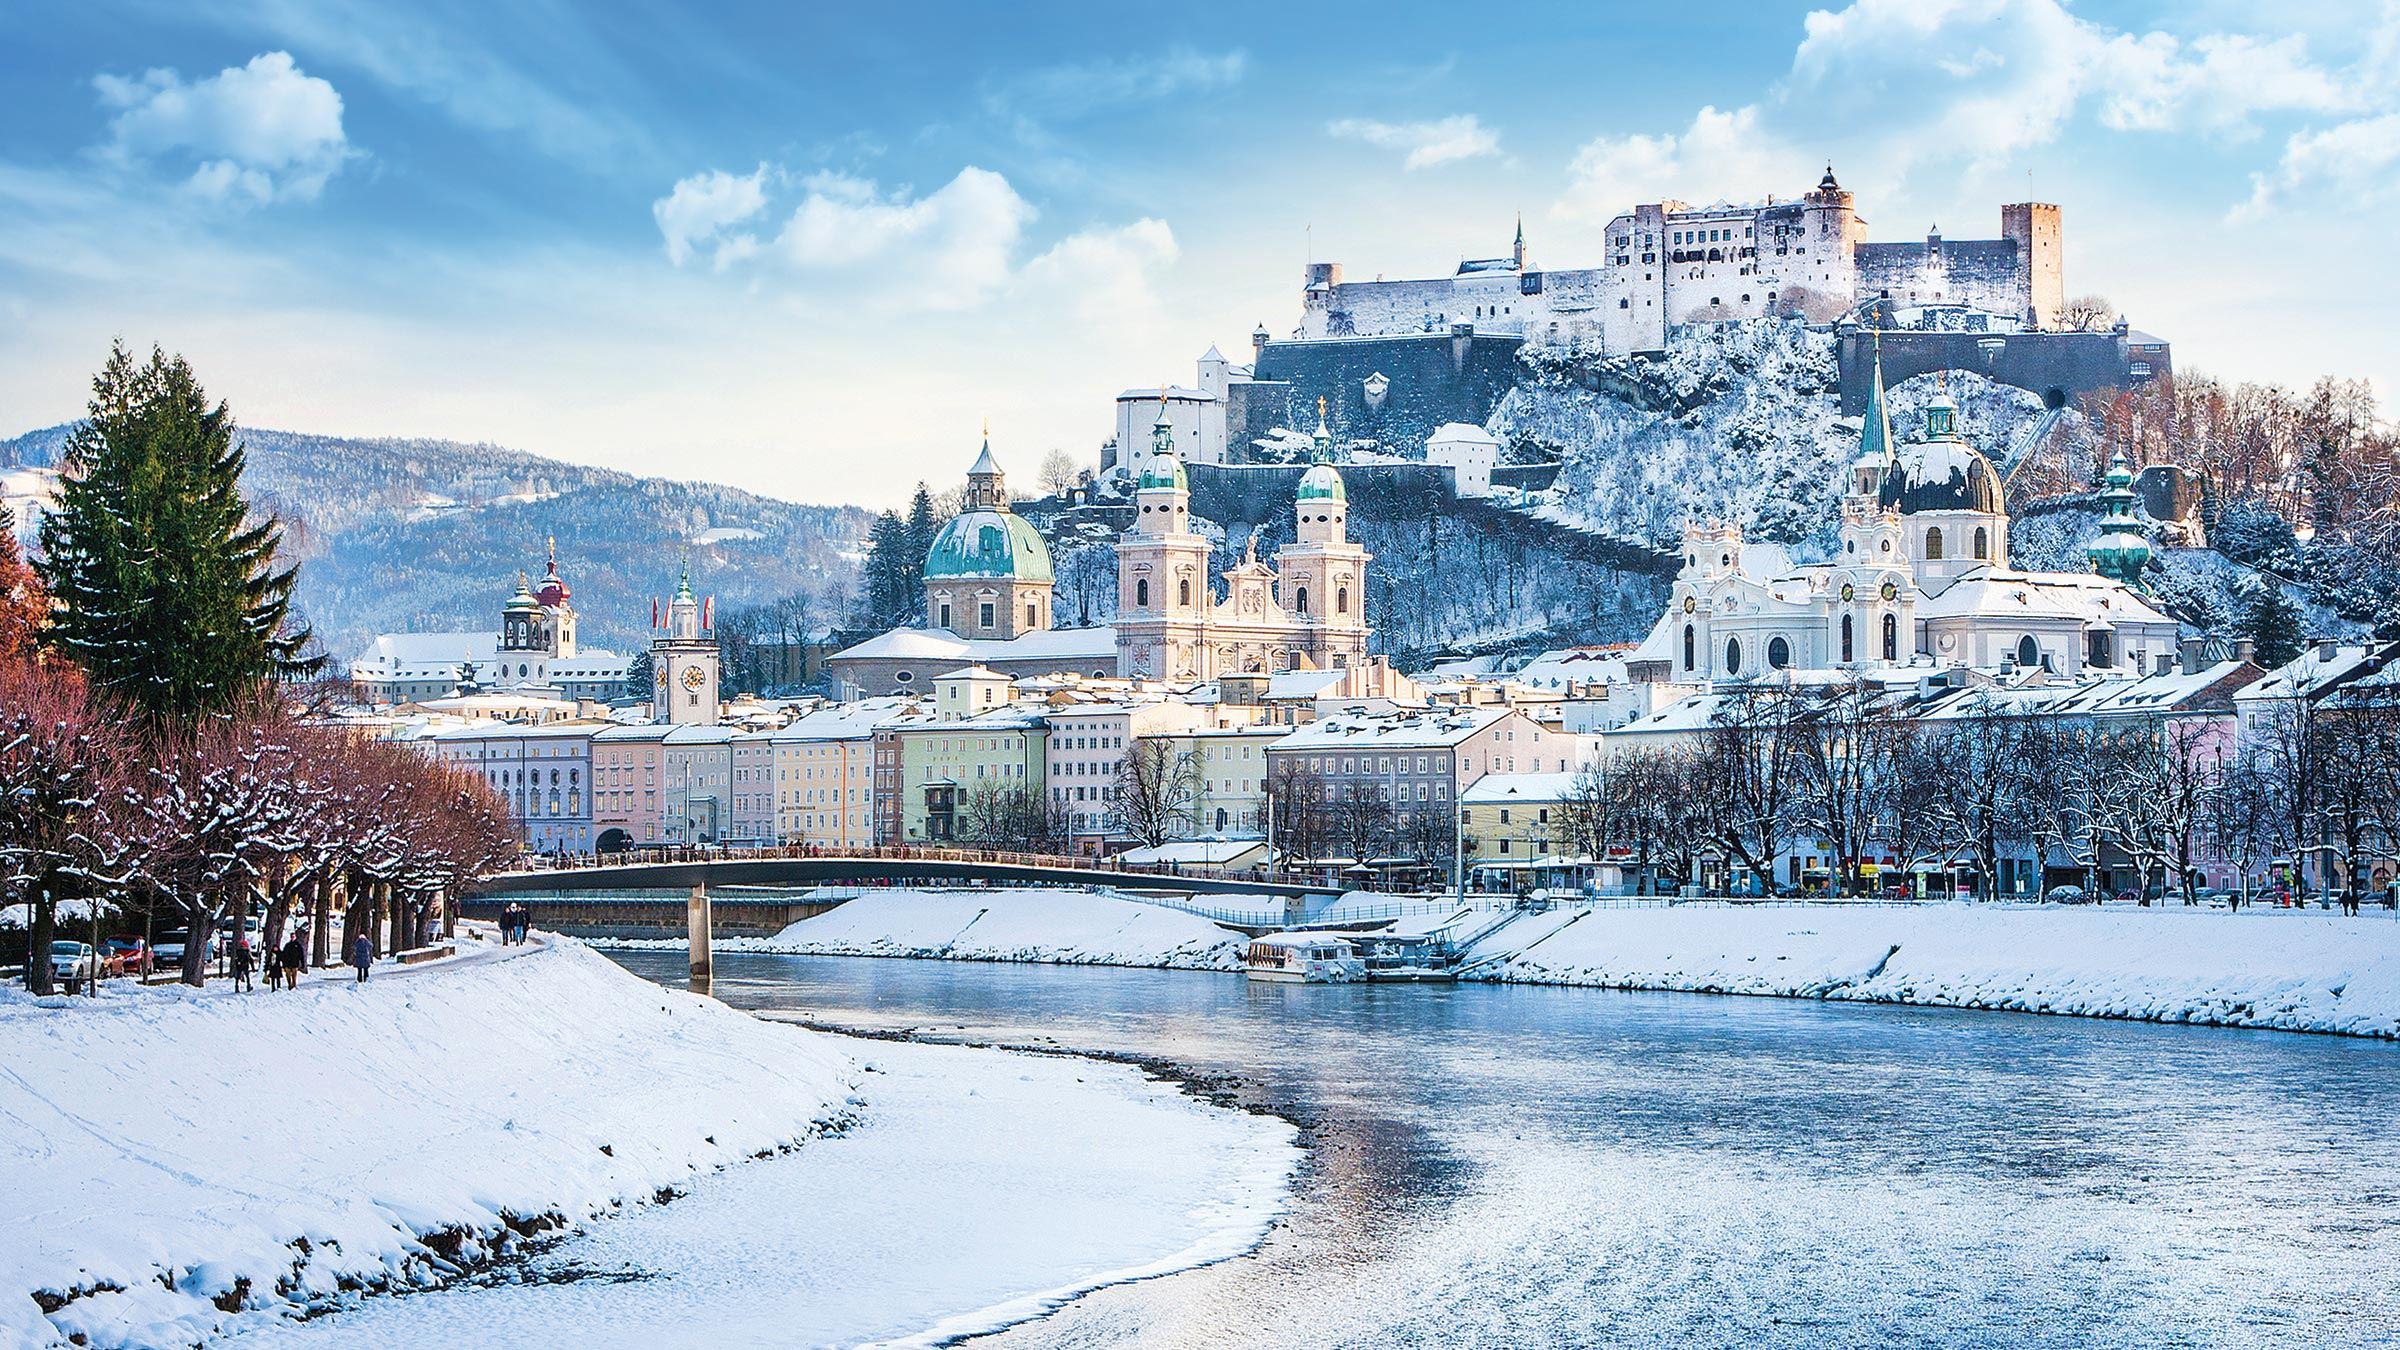 AUS_Salzburg_Winter_144232714_s_LLR